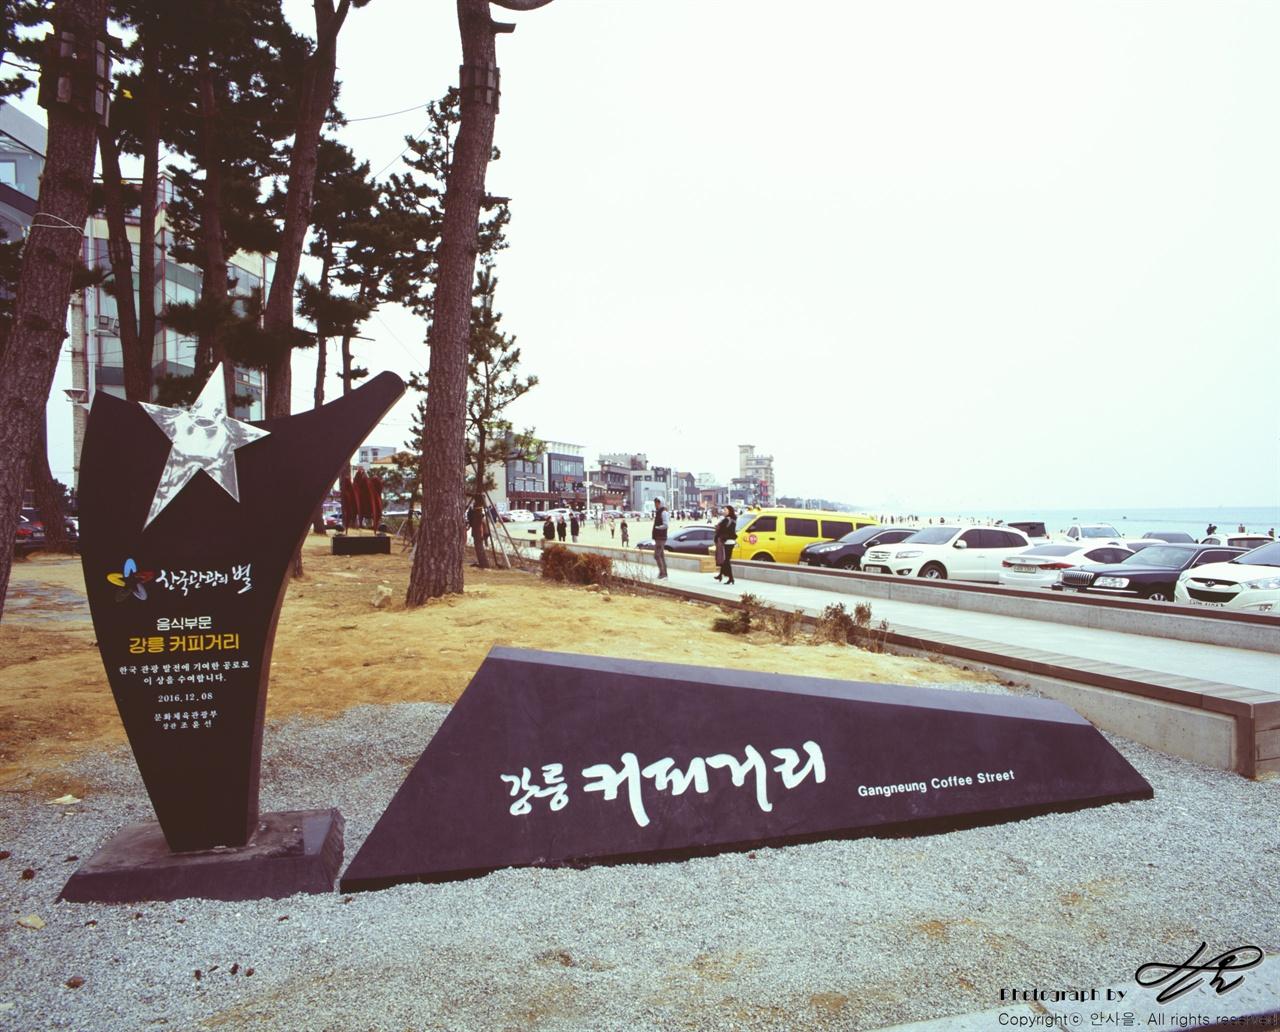 커피거리 안목해변으로 카페가 즐비하게 늘어서있다. 날씨가 상당히 좋지 않았지만 사람들이 꽤 많았다.